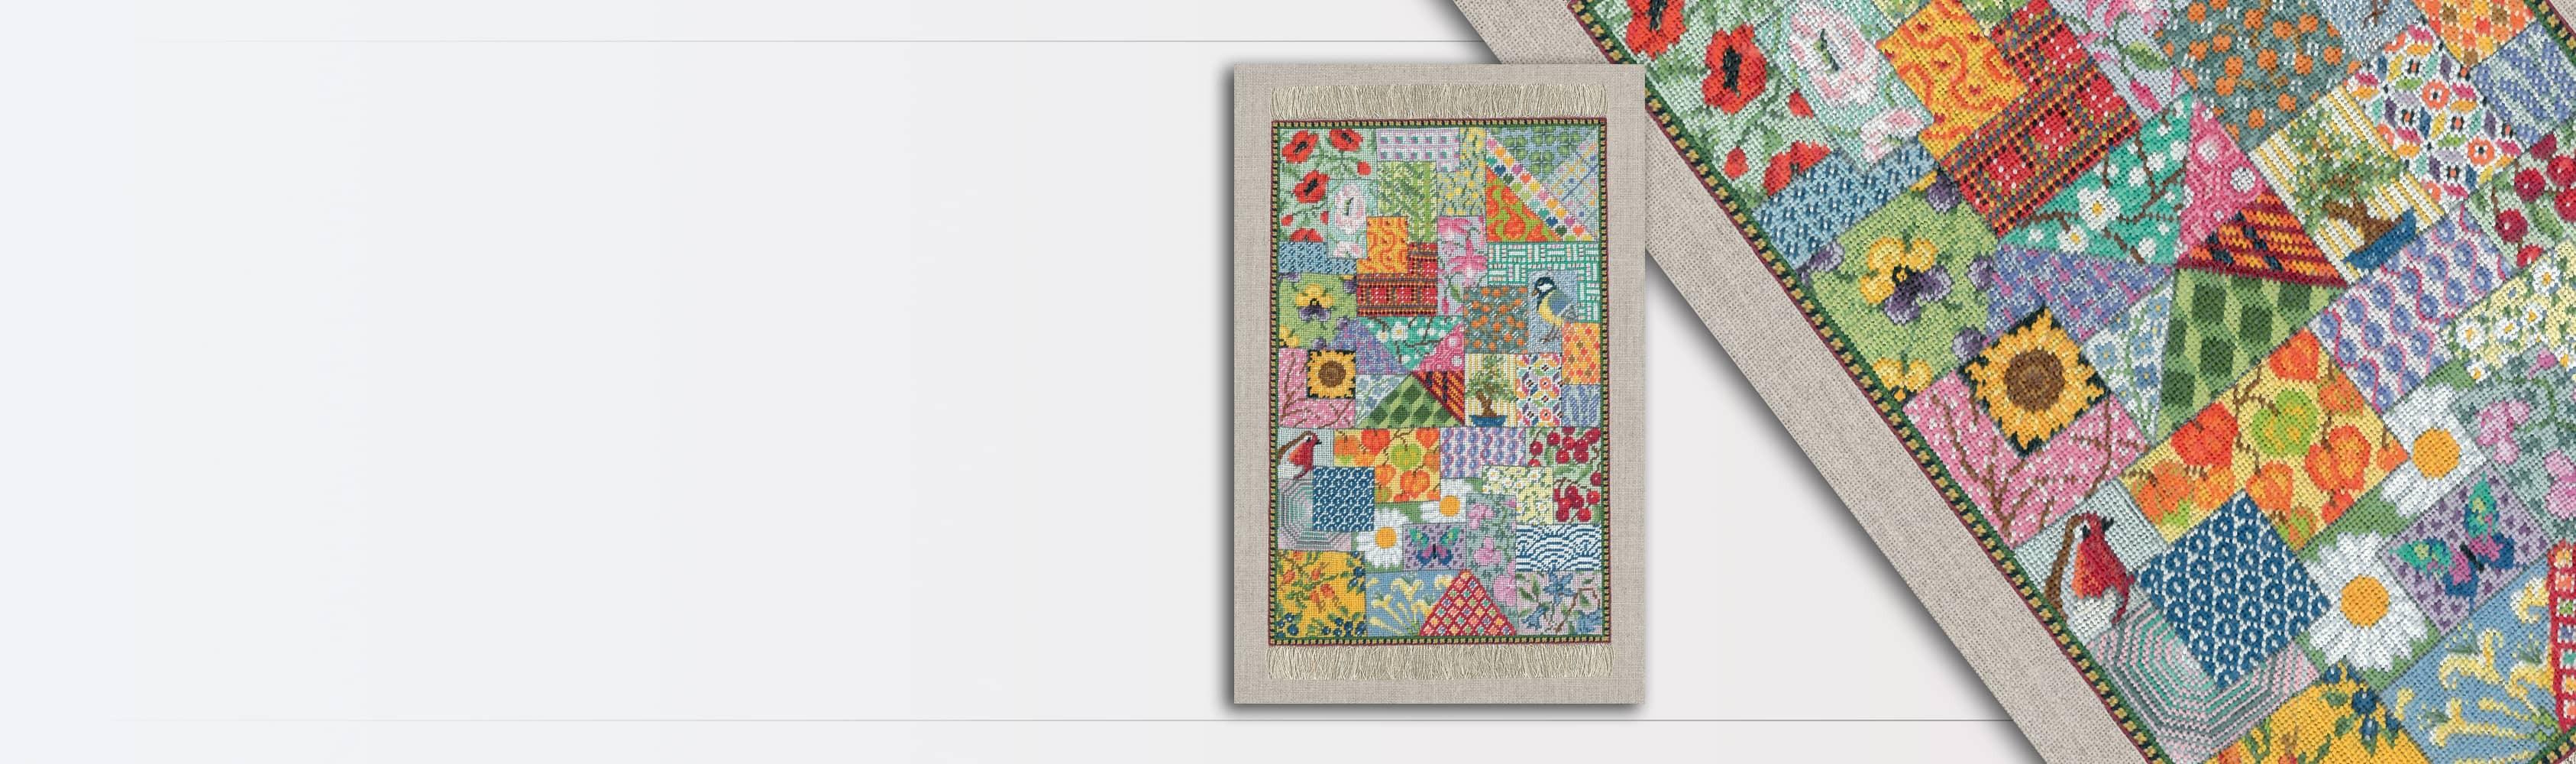 Tapis miniature Patchwork. Kit broderie petit point, point compté. 3669 Le Bonheur des Dames